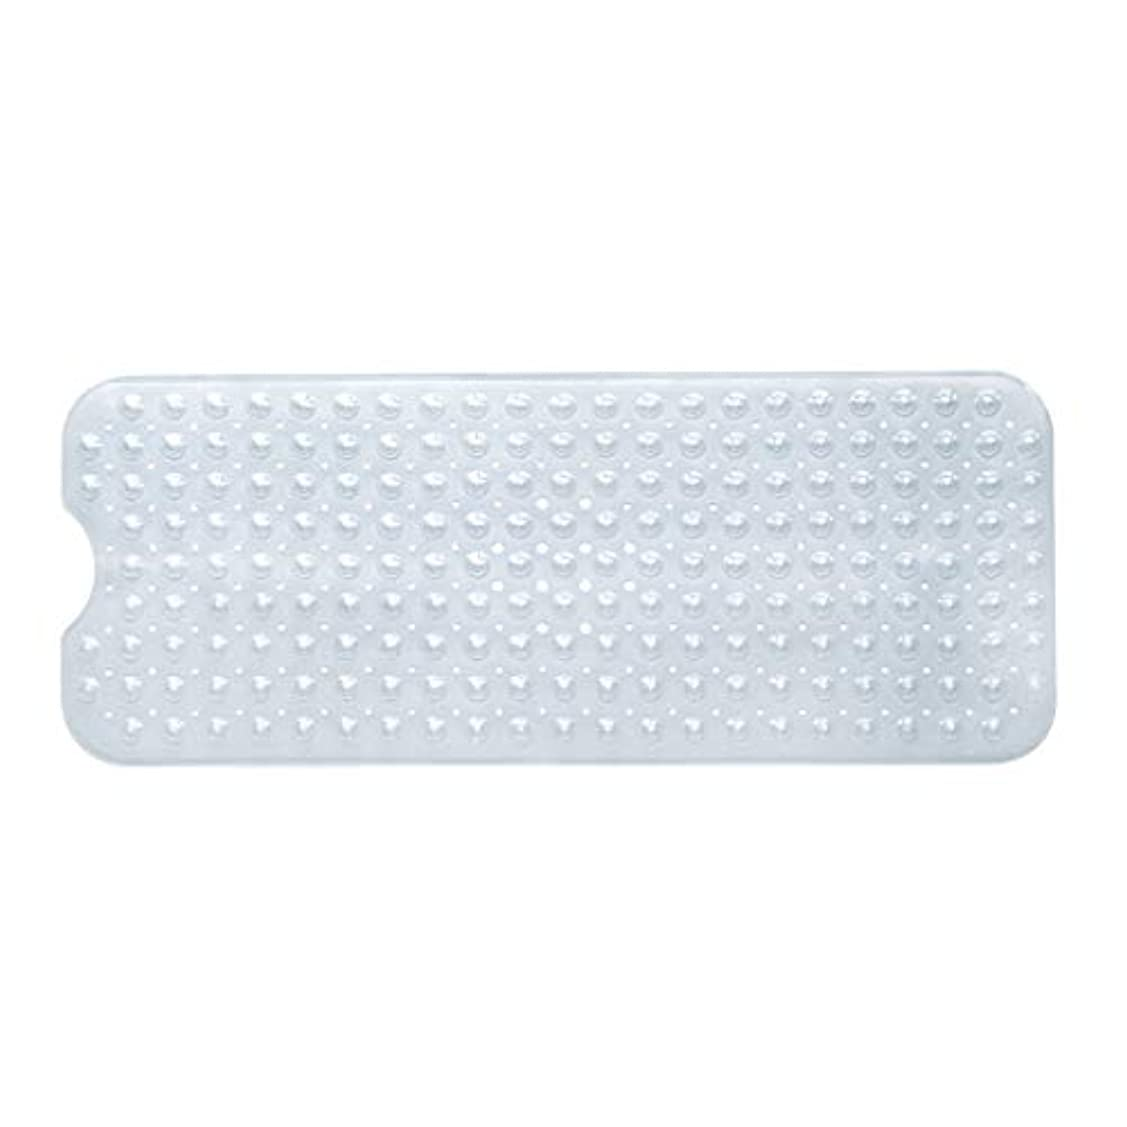 遮る炭水化物クールSwiftgood エクストラロングバスタブマットカビ抵抗性滑り止めバスマット洗濯機用浴室用洗えるPVCシャワーマット15.7